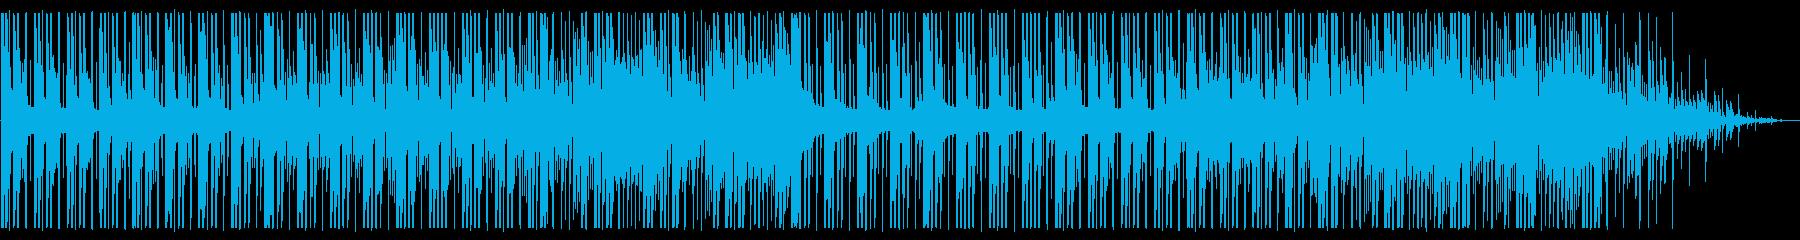 寂しげ/都会/R&B_No441の再生済みの波形